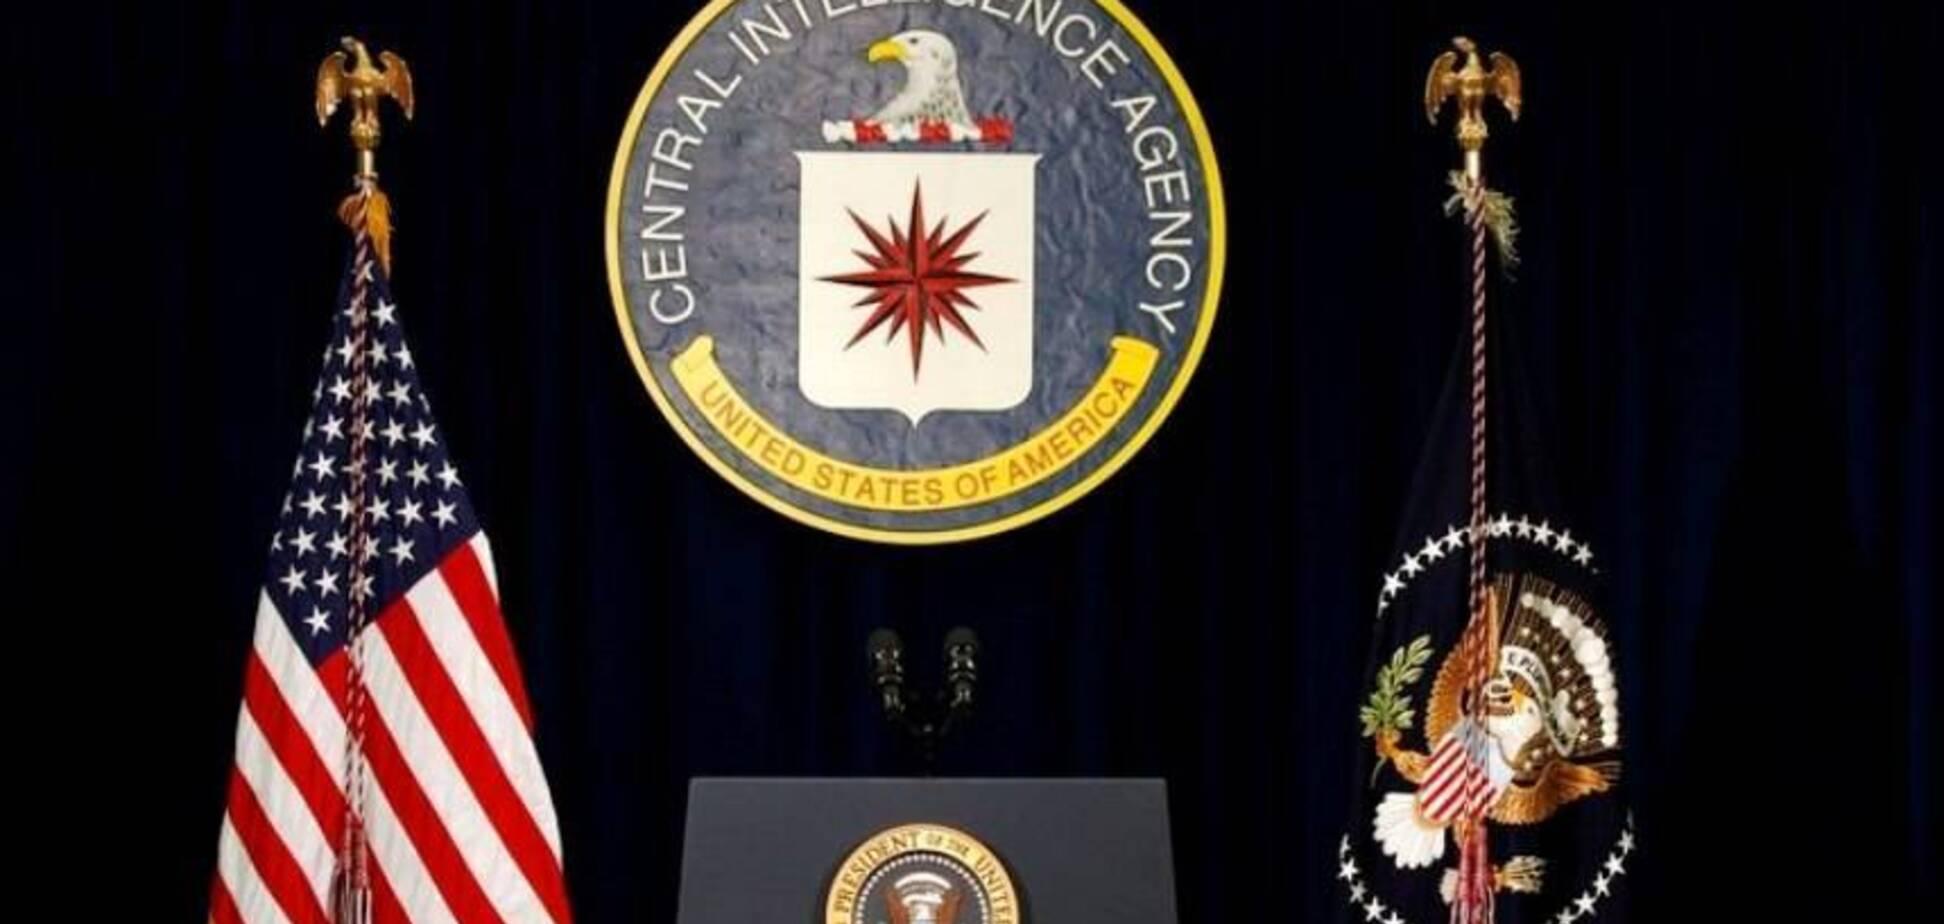 Убиты? В России таинственно исчезли агенты ЦРУ